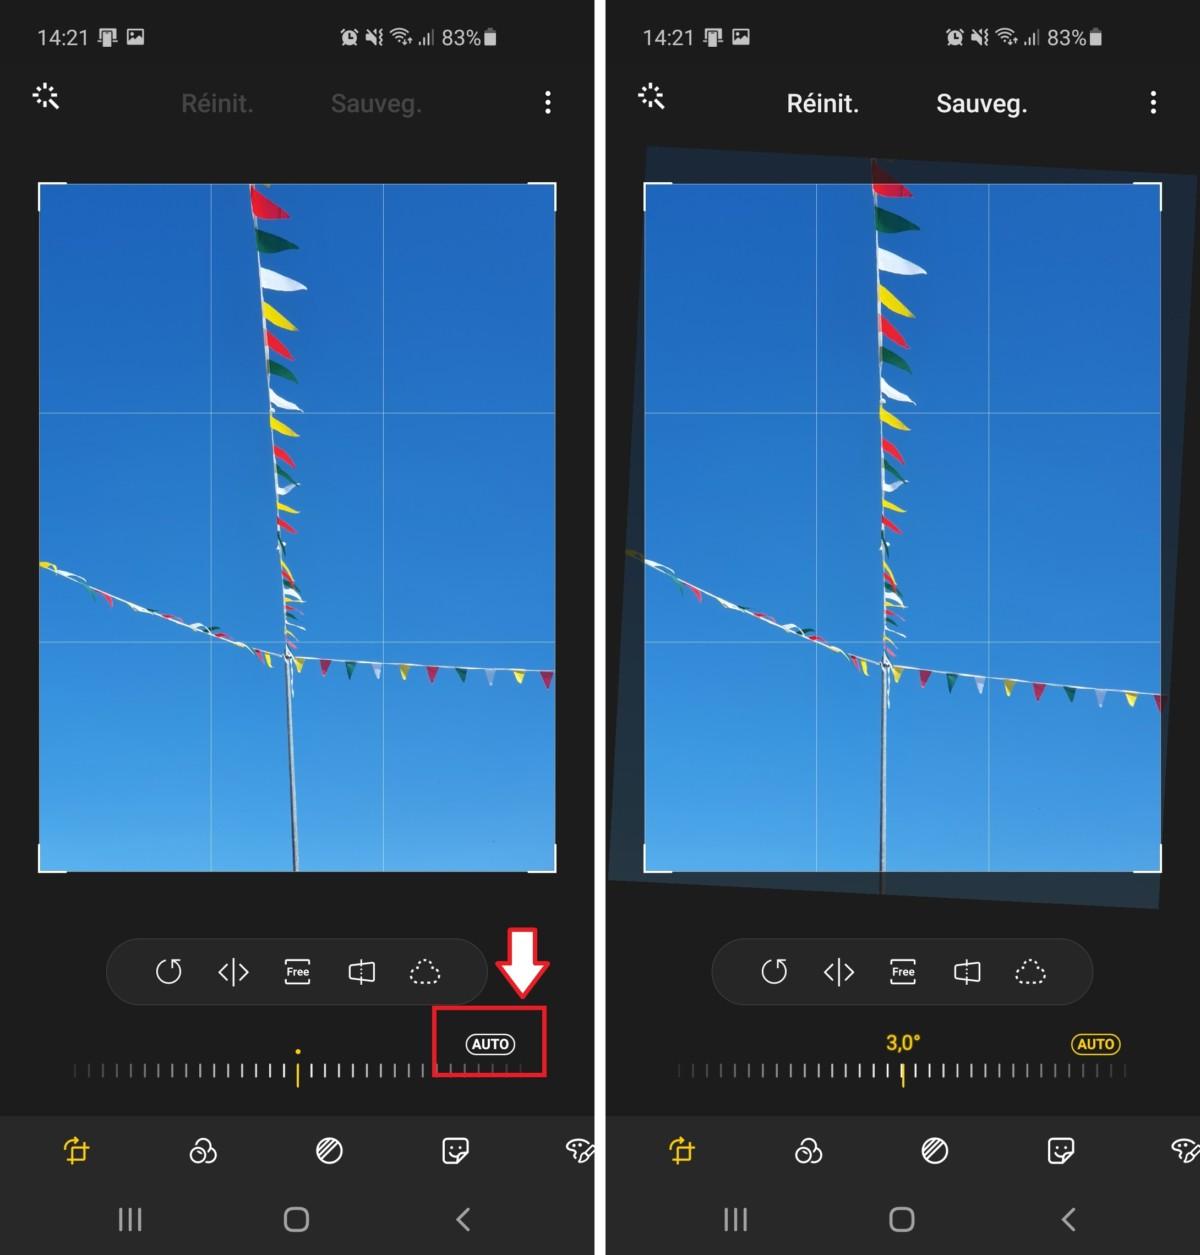 L'application photo des appareils Samsung propose une fonctionnalité de recadrage automatique.